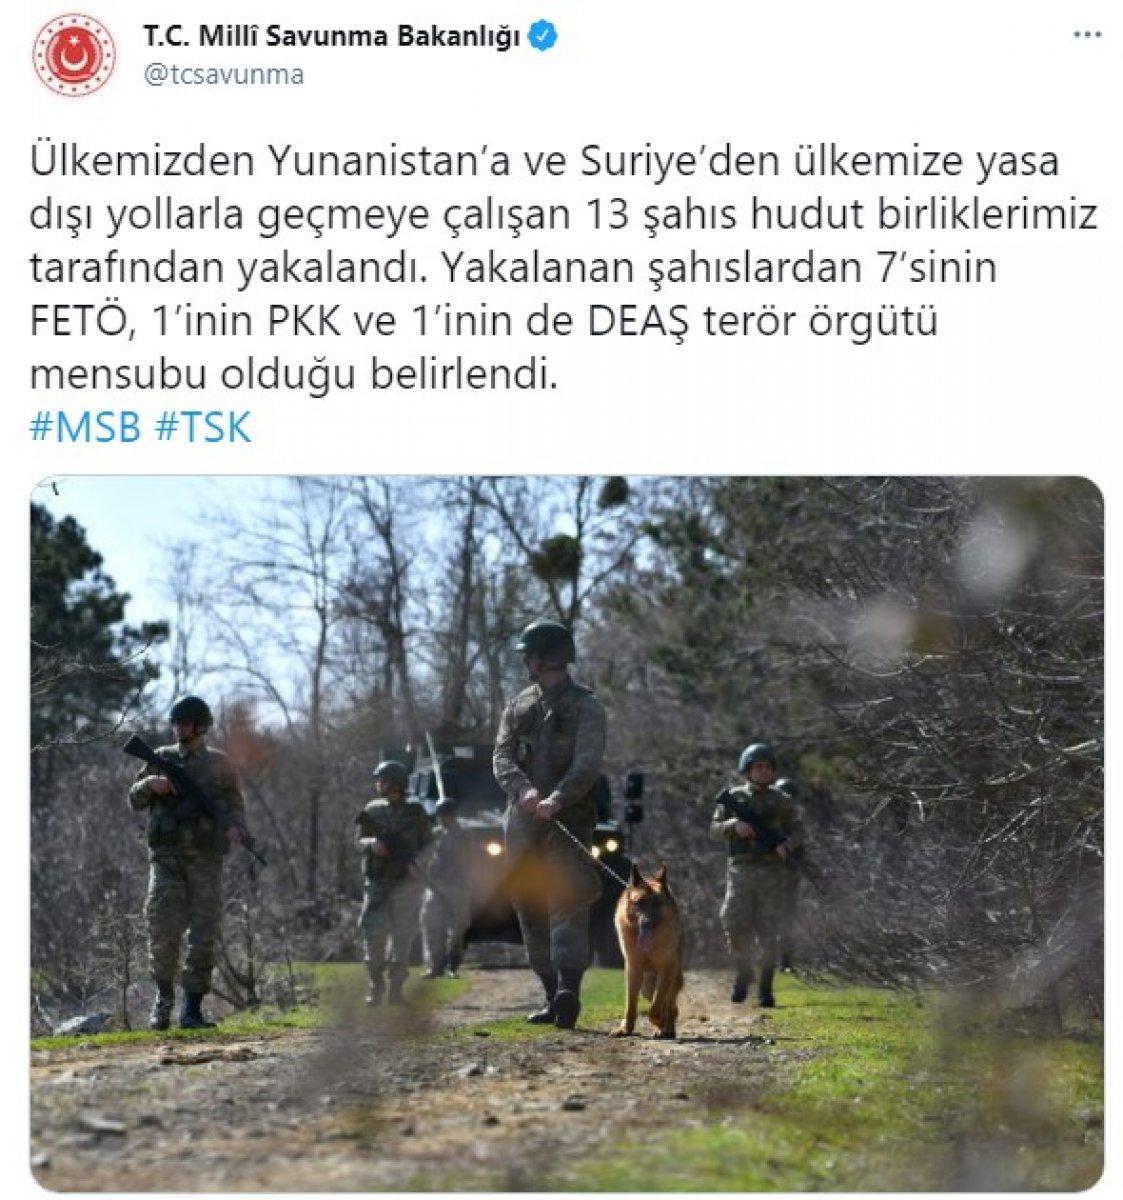 Yasa dışı yollarla sınırı geçmeye çalışan 9 terörist yakalandı #1